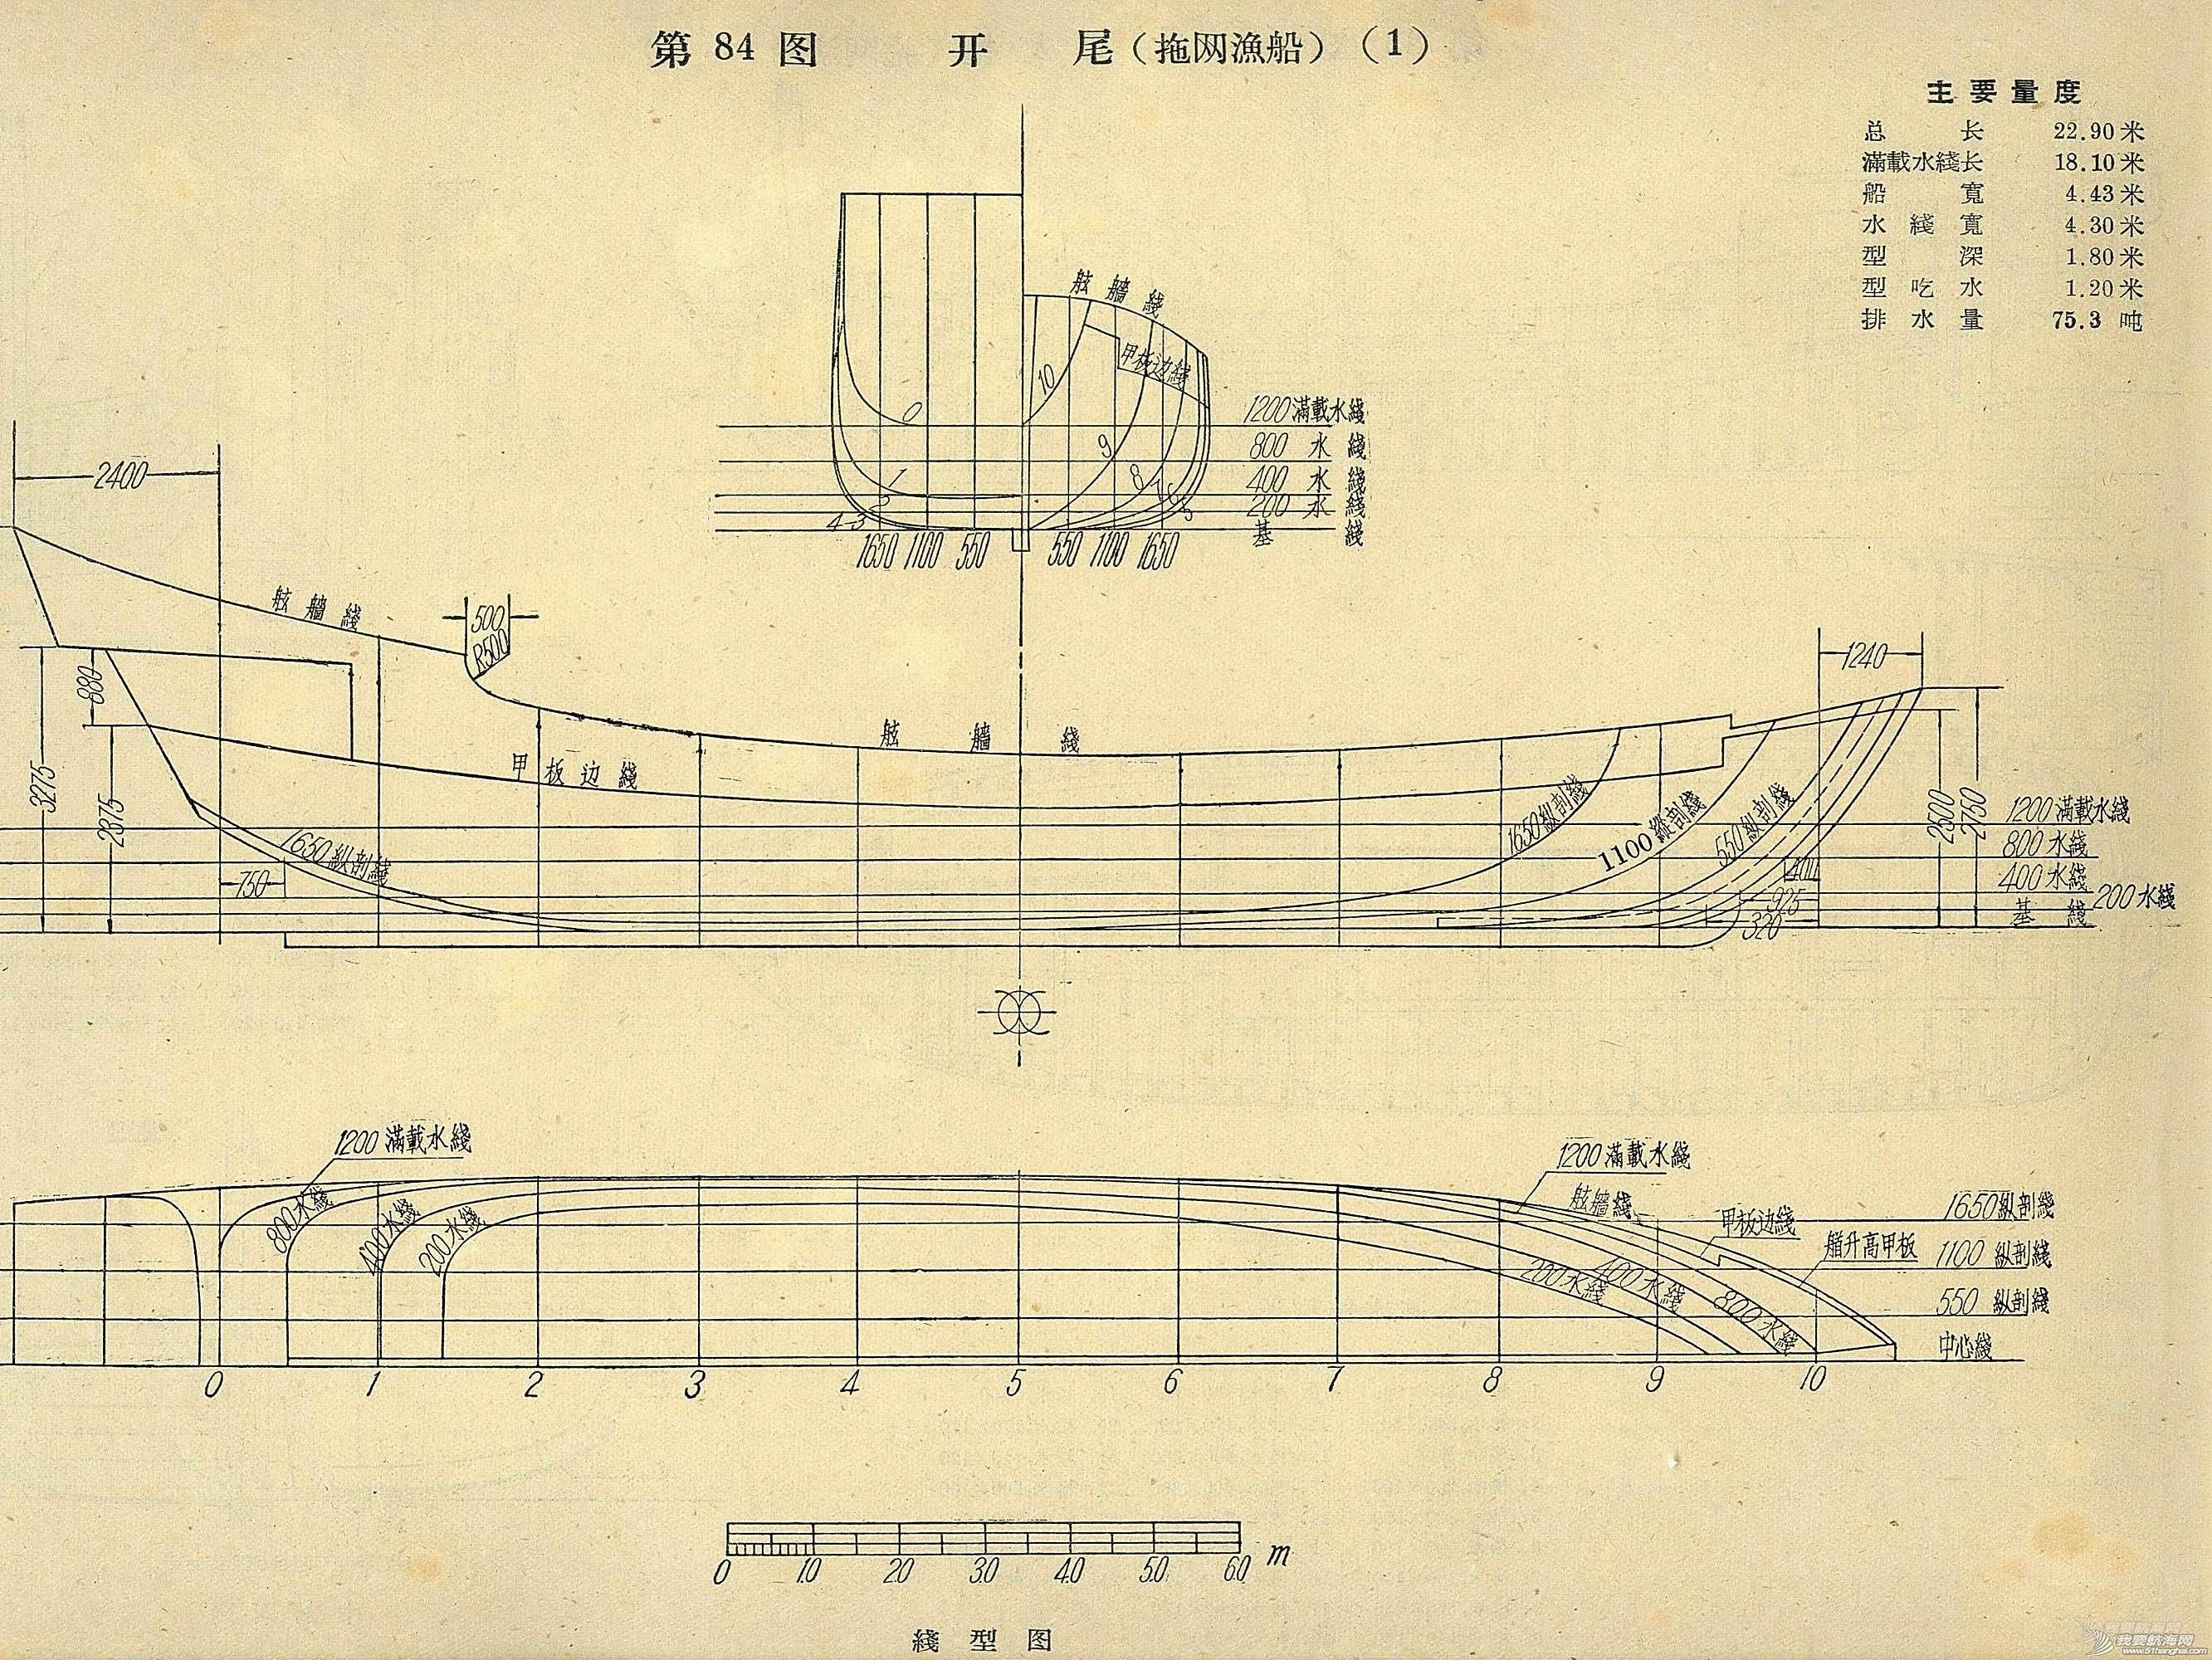 开尾船,线型图,北部湾,结构图,缩略图 开尾船的缩略图,线型图,结构图